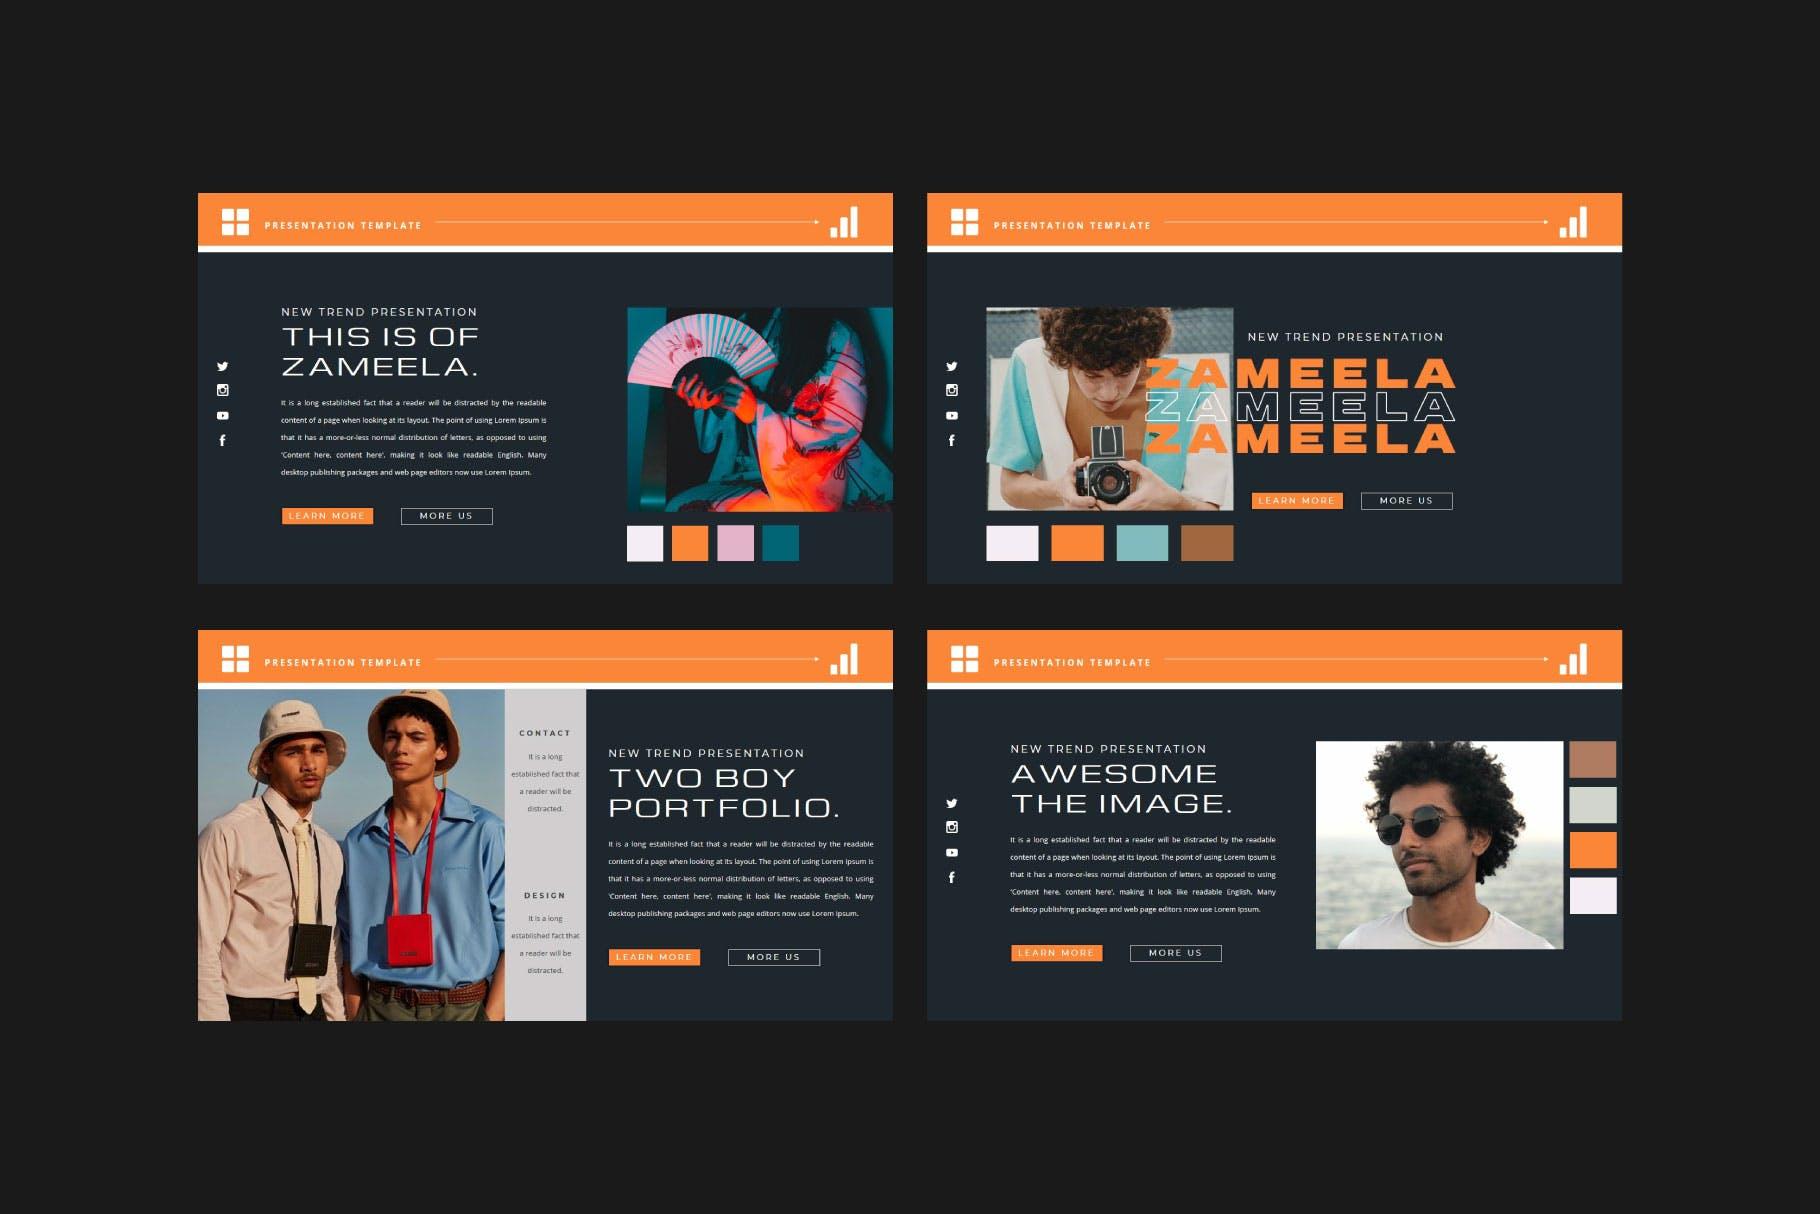 潮流品牌服装摄影作品集演示文稿设计模板 ZAMEELA Powerpoint Template插图4